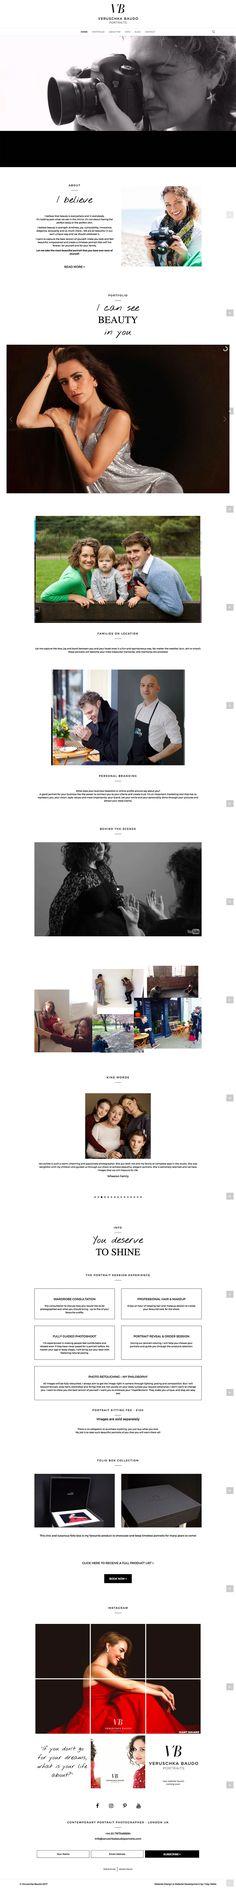 Veruschka Baudo Photography Website  Website Design & Development by 1 Day Webs (http://www.1daywebs.com/)